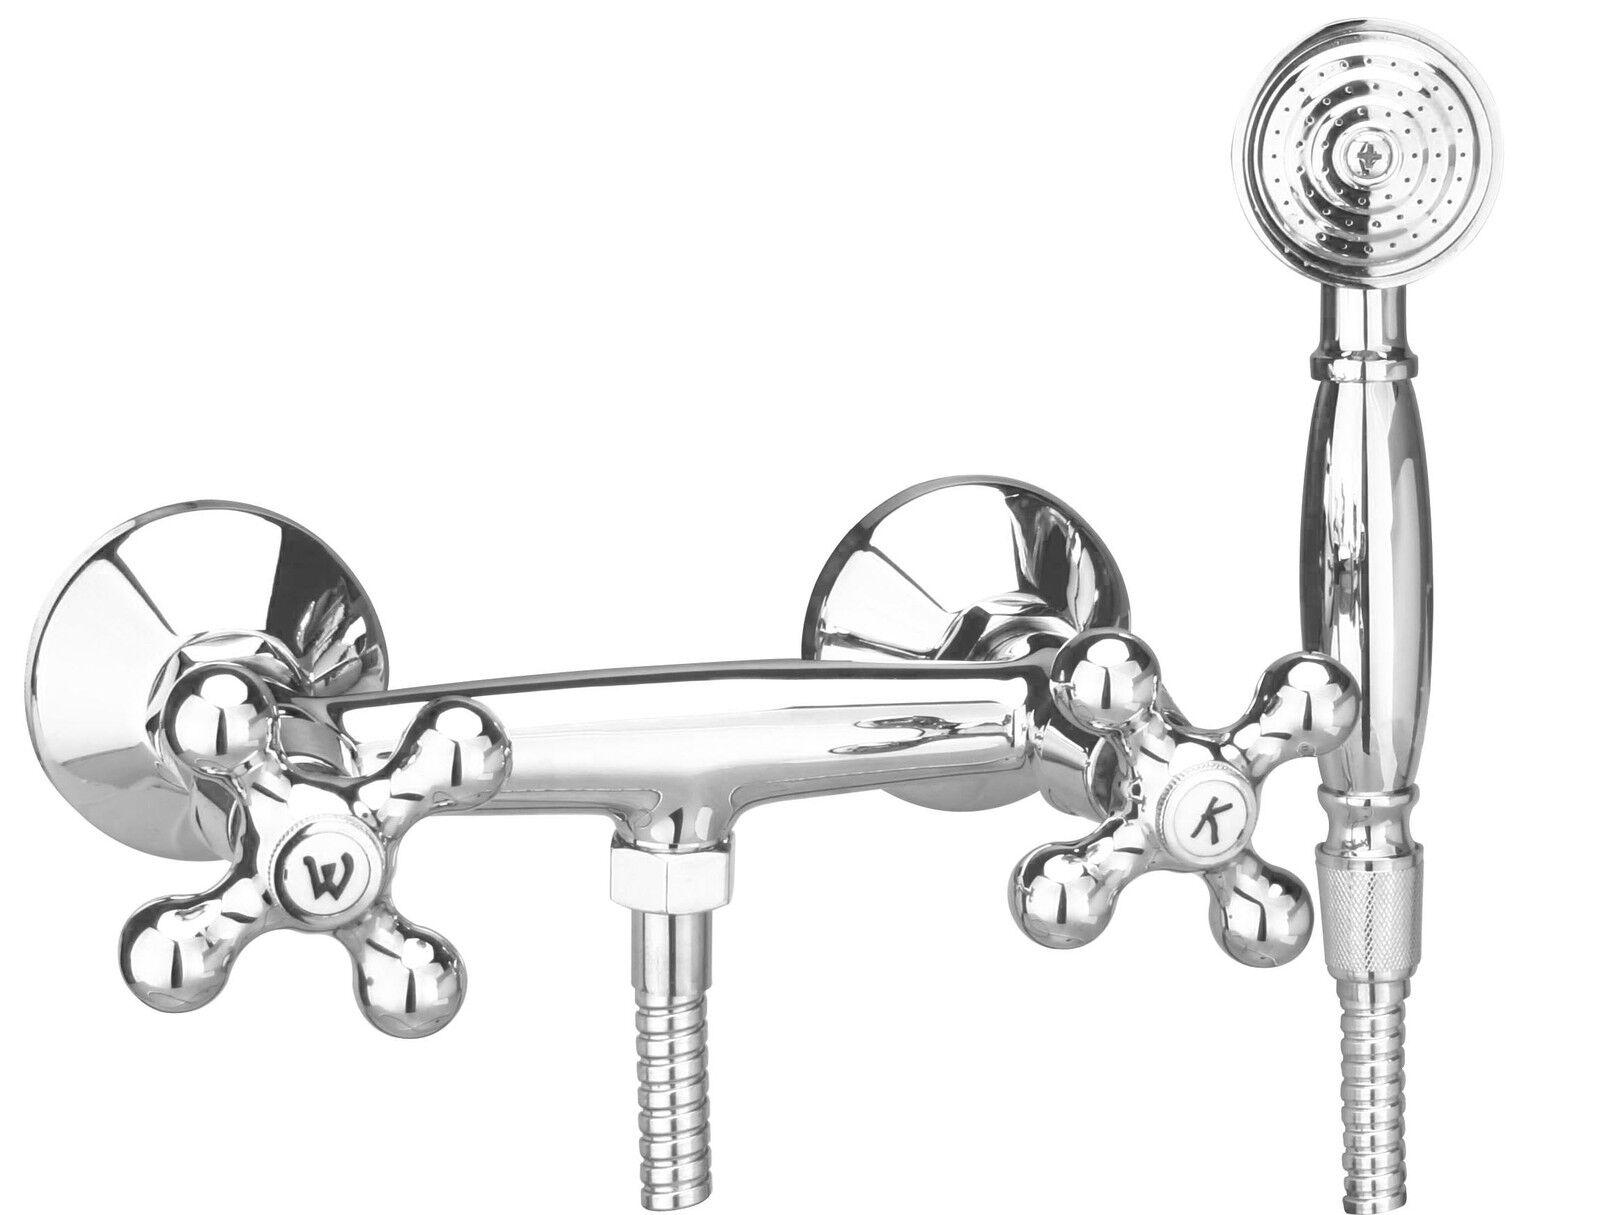 Duscharmatur Brausearmatur nostalgisch  Kreuzgriff Elk  chrom | Perfekt In Verarbeitung  | Vielfältiges neues Design  | Discount  | Bekannt für seine schöne Qualität